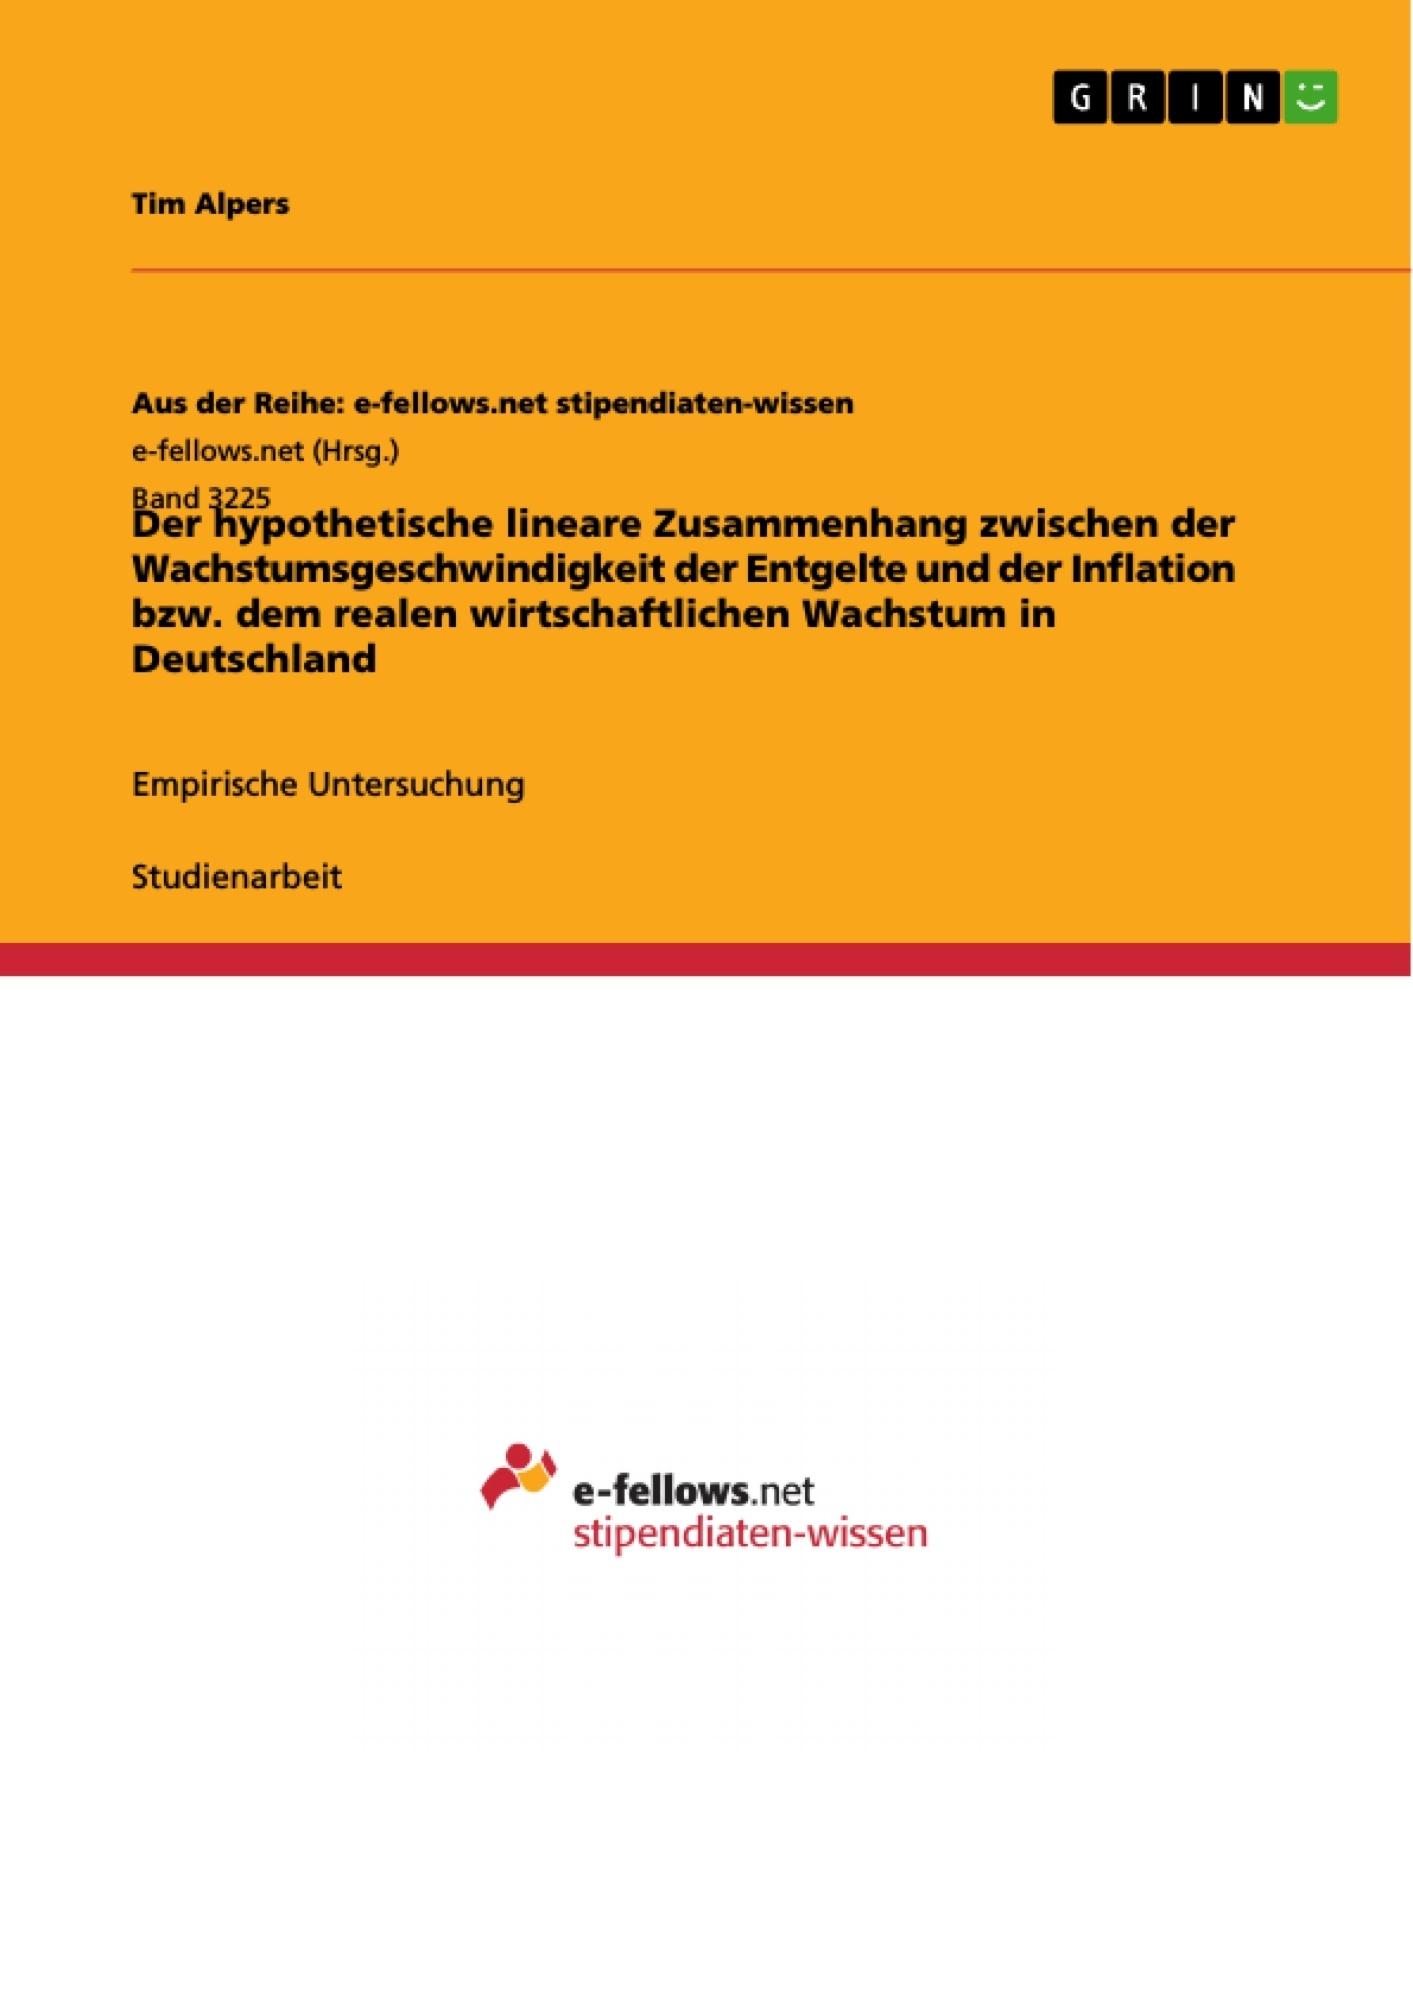 Titel: Der hypothetische lineare Zusammenhang zwischen der Wachstumsgeschwindigkeit der Entgelte und der Inflation bzw. dem realen wirtschaftlichen Wachstum in Deutschland